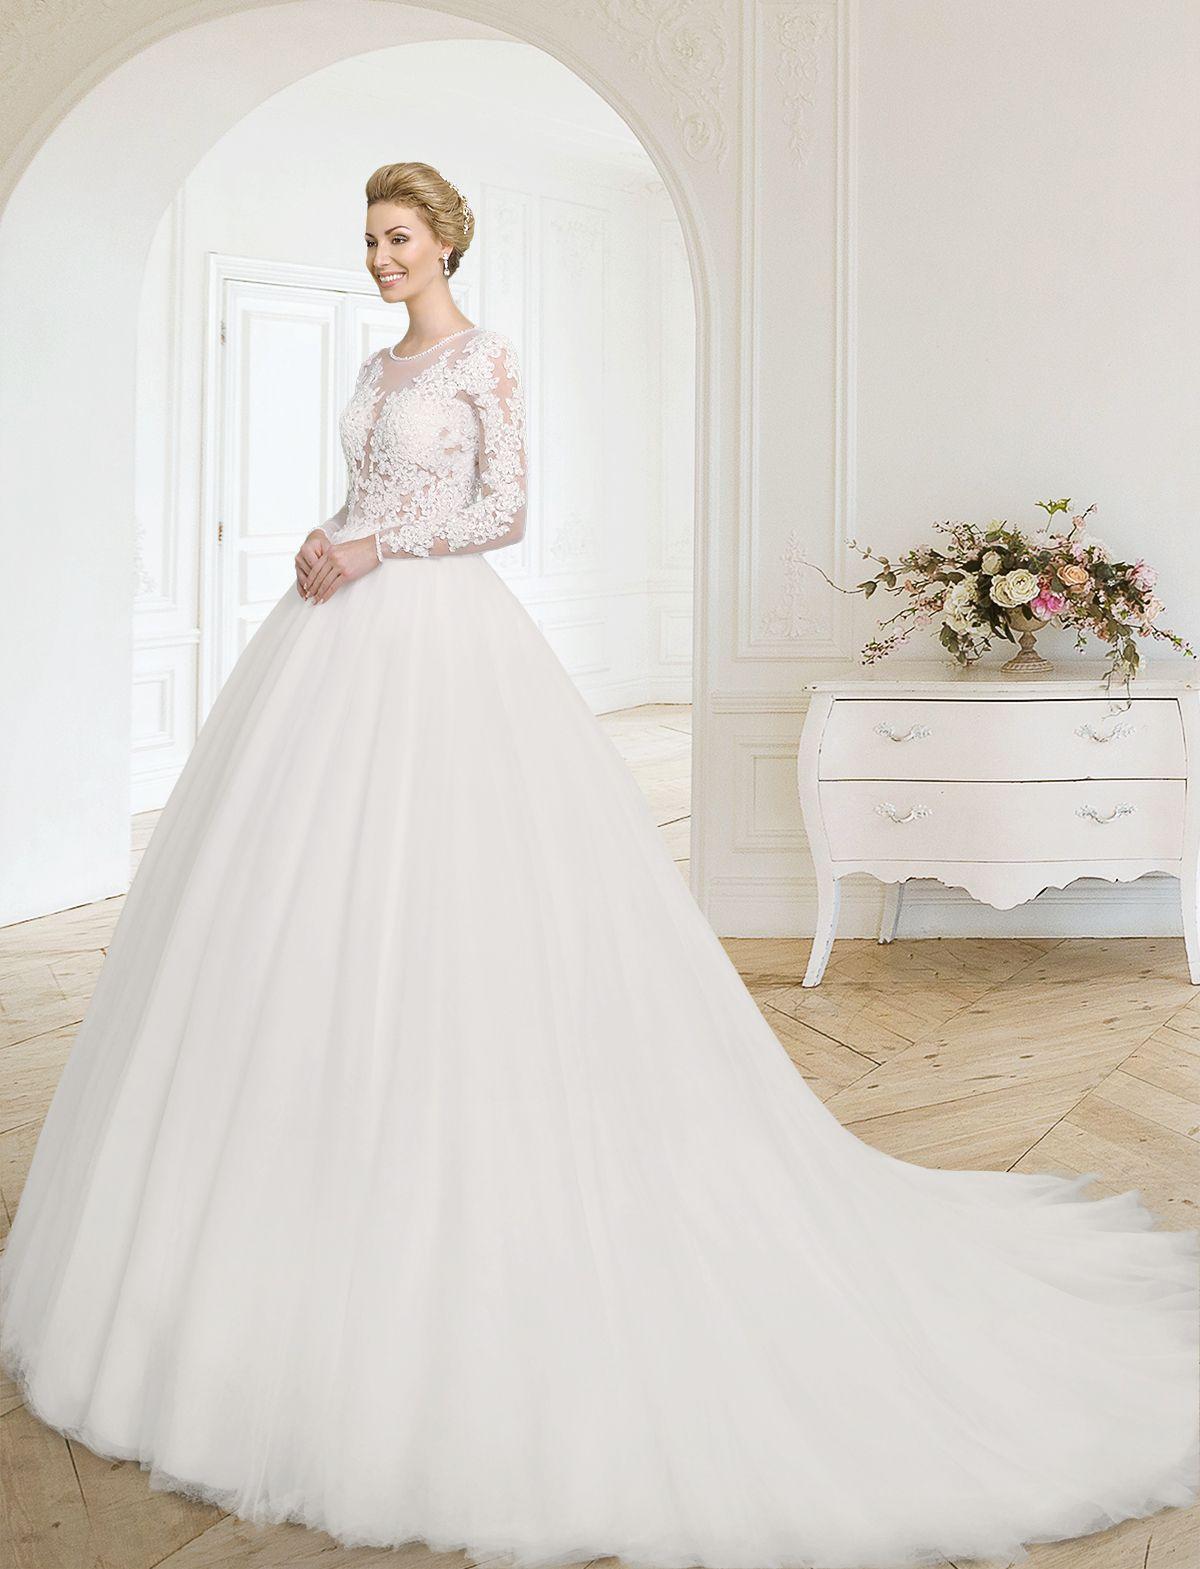 Sinnlich zeitloses Prinzessinnen Brautkleid wie aus einem Märchen ...